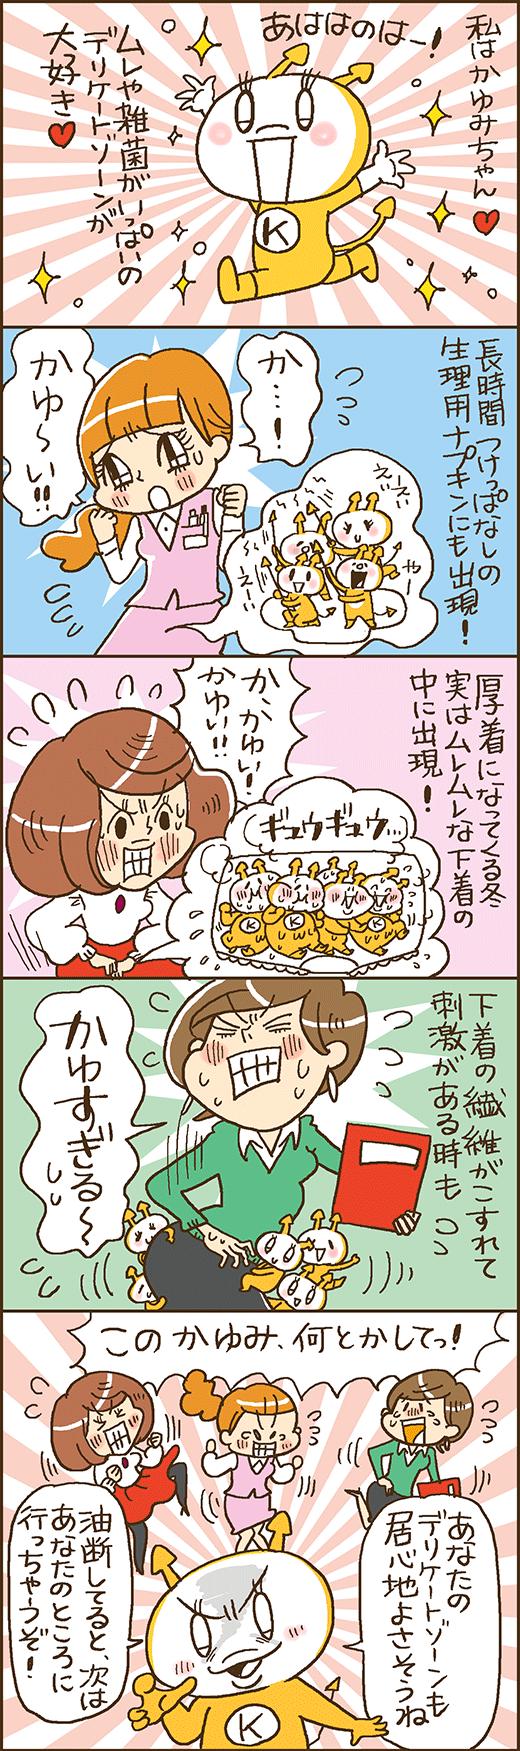 かゆみ 夜 陰部 梅雨~夏にかけて、あそこがかゆい!!